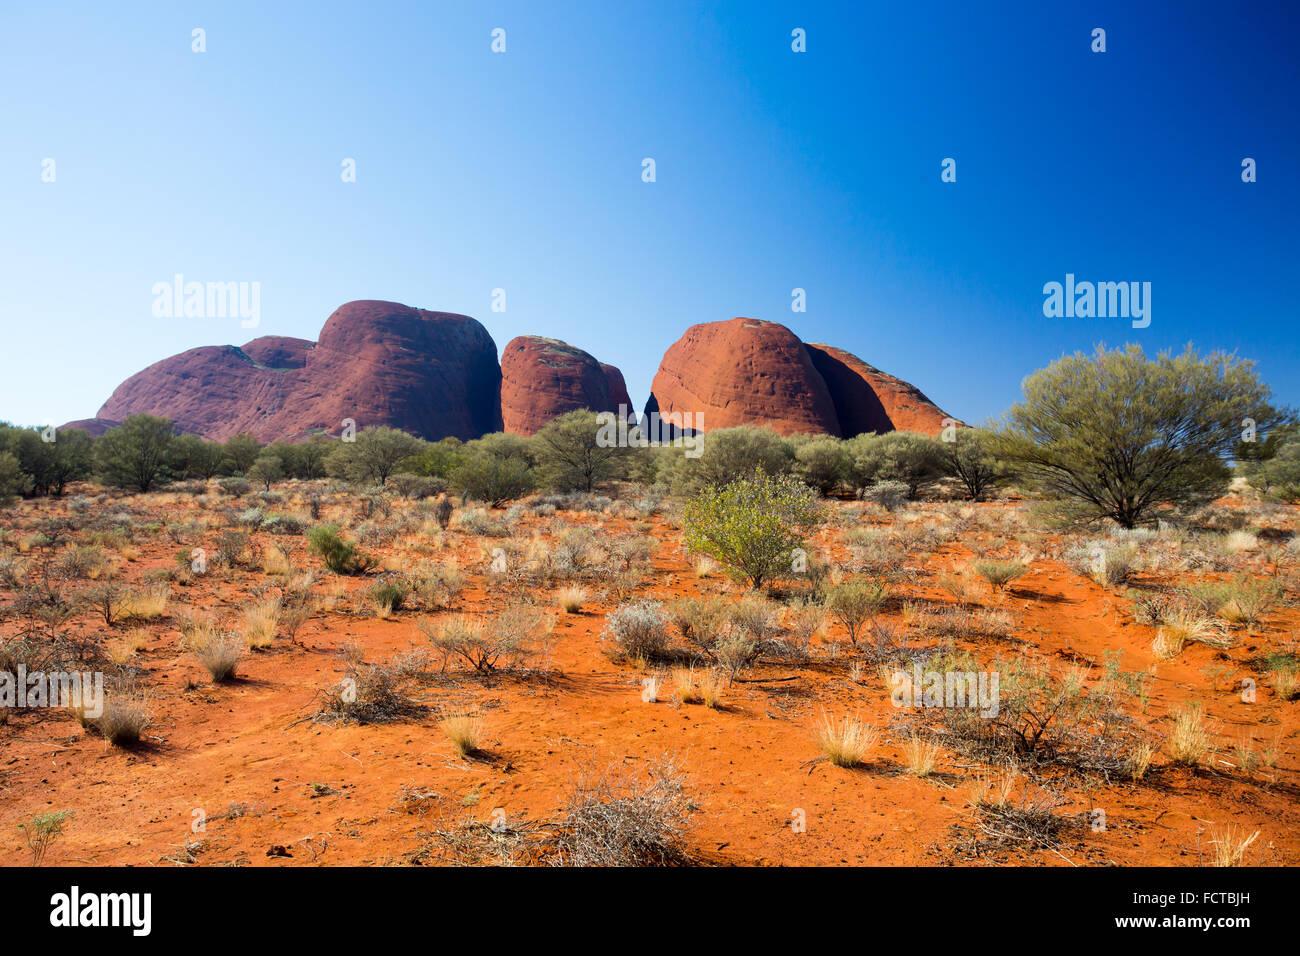 L'Olgas nei pressi della Valle dei Venti a piedi nel Territorio del Nord, l'Australia Foto Stock